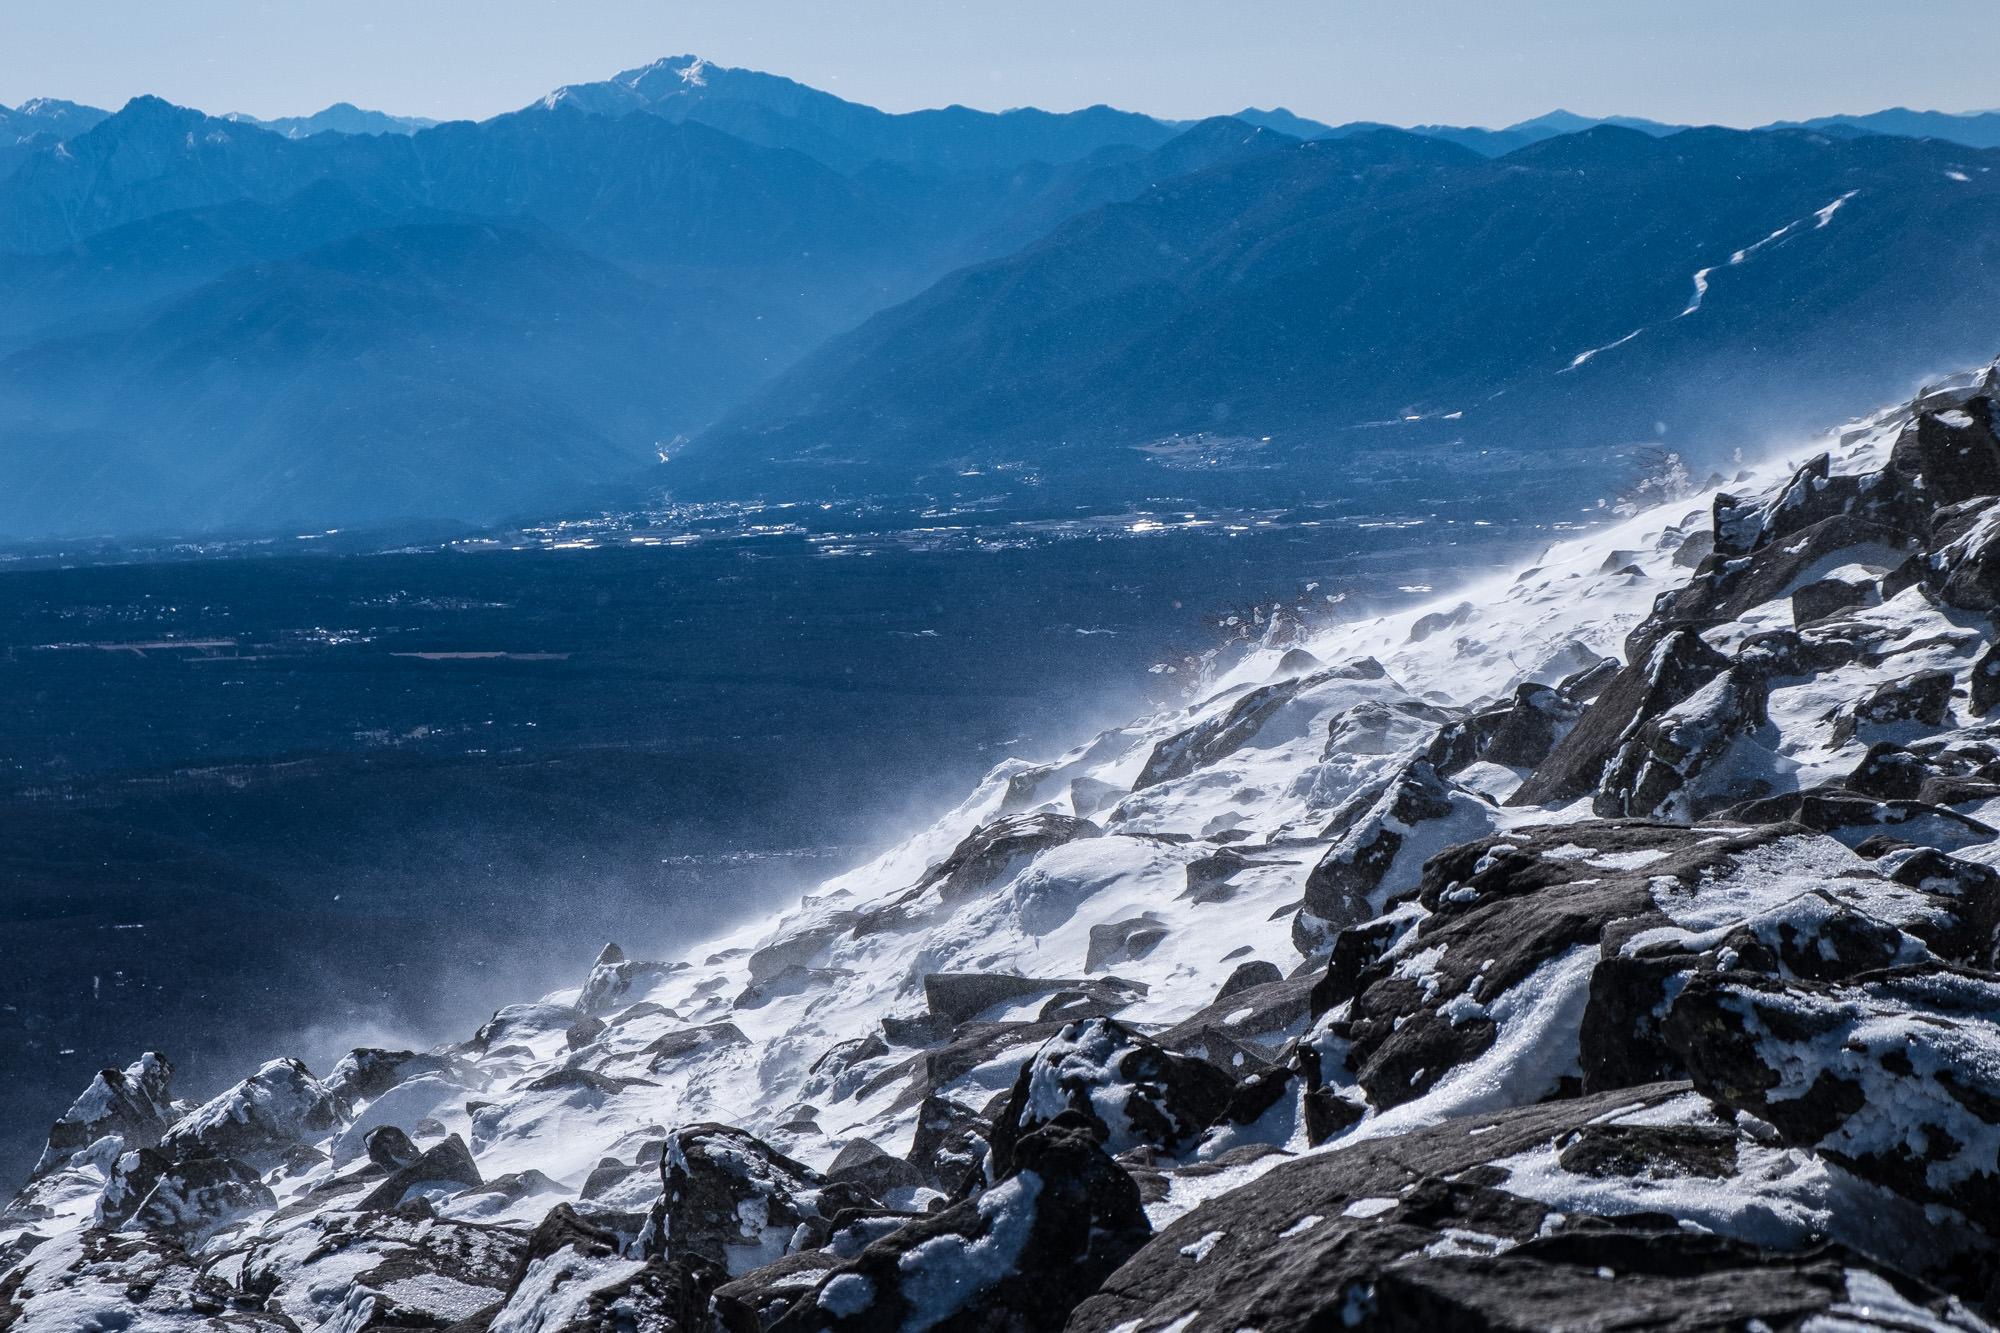 冷気が吹き荒れる山頂